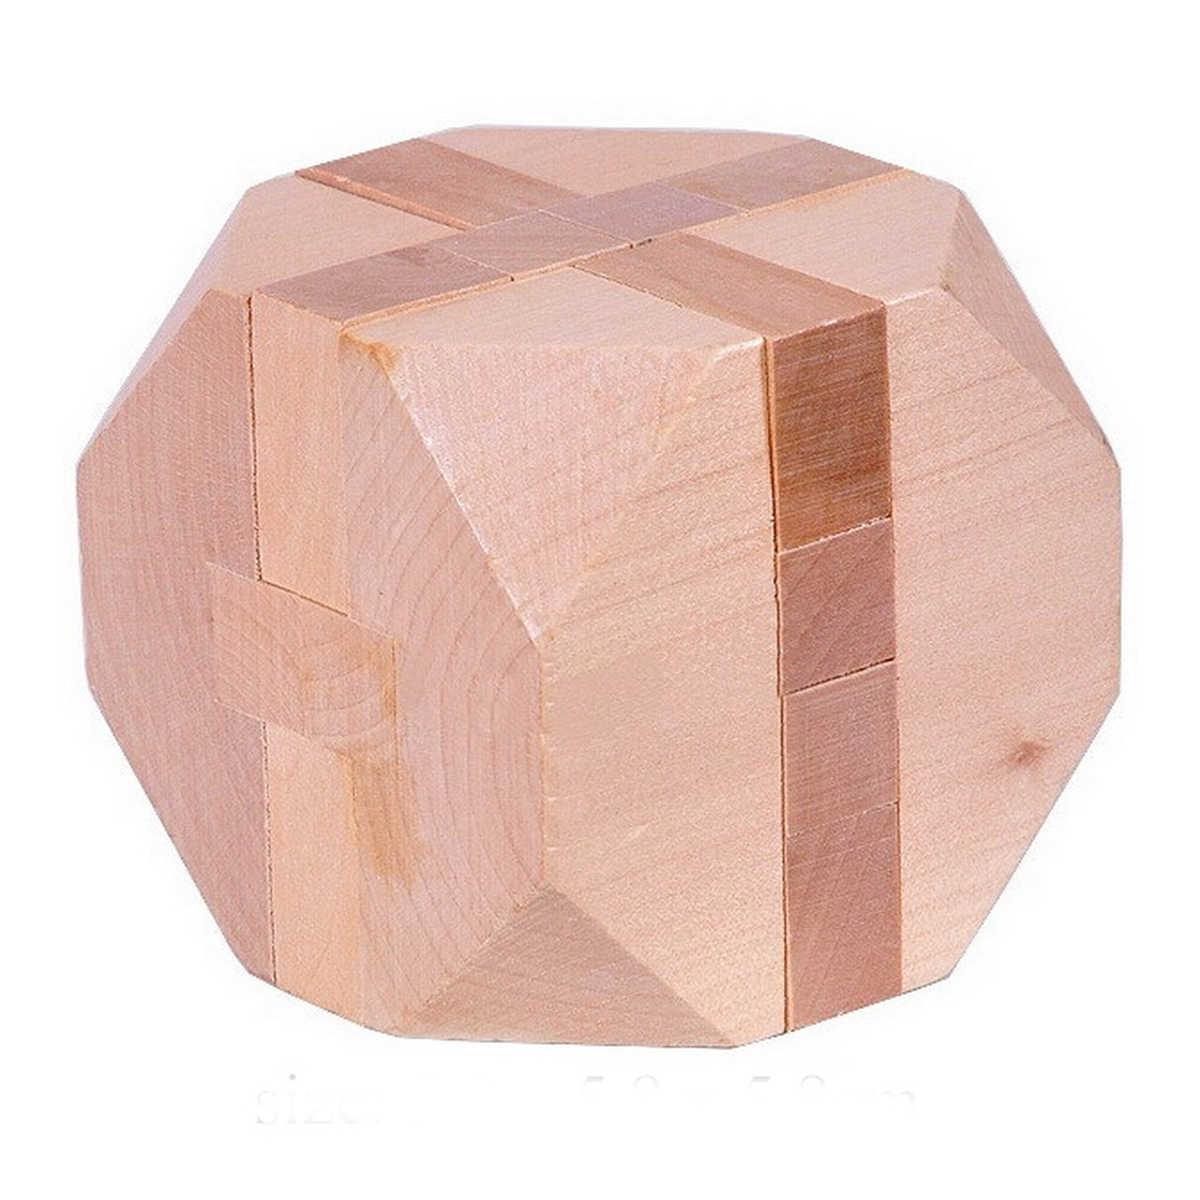 Abwe Best продажи деревянный tetrakaidecahedron Блокировка логическая головоломка заусенцев Паззлы Логические интеллектуальной Сборка игрушки